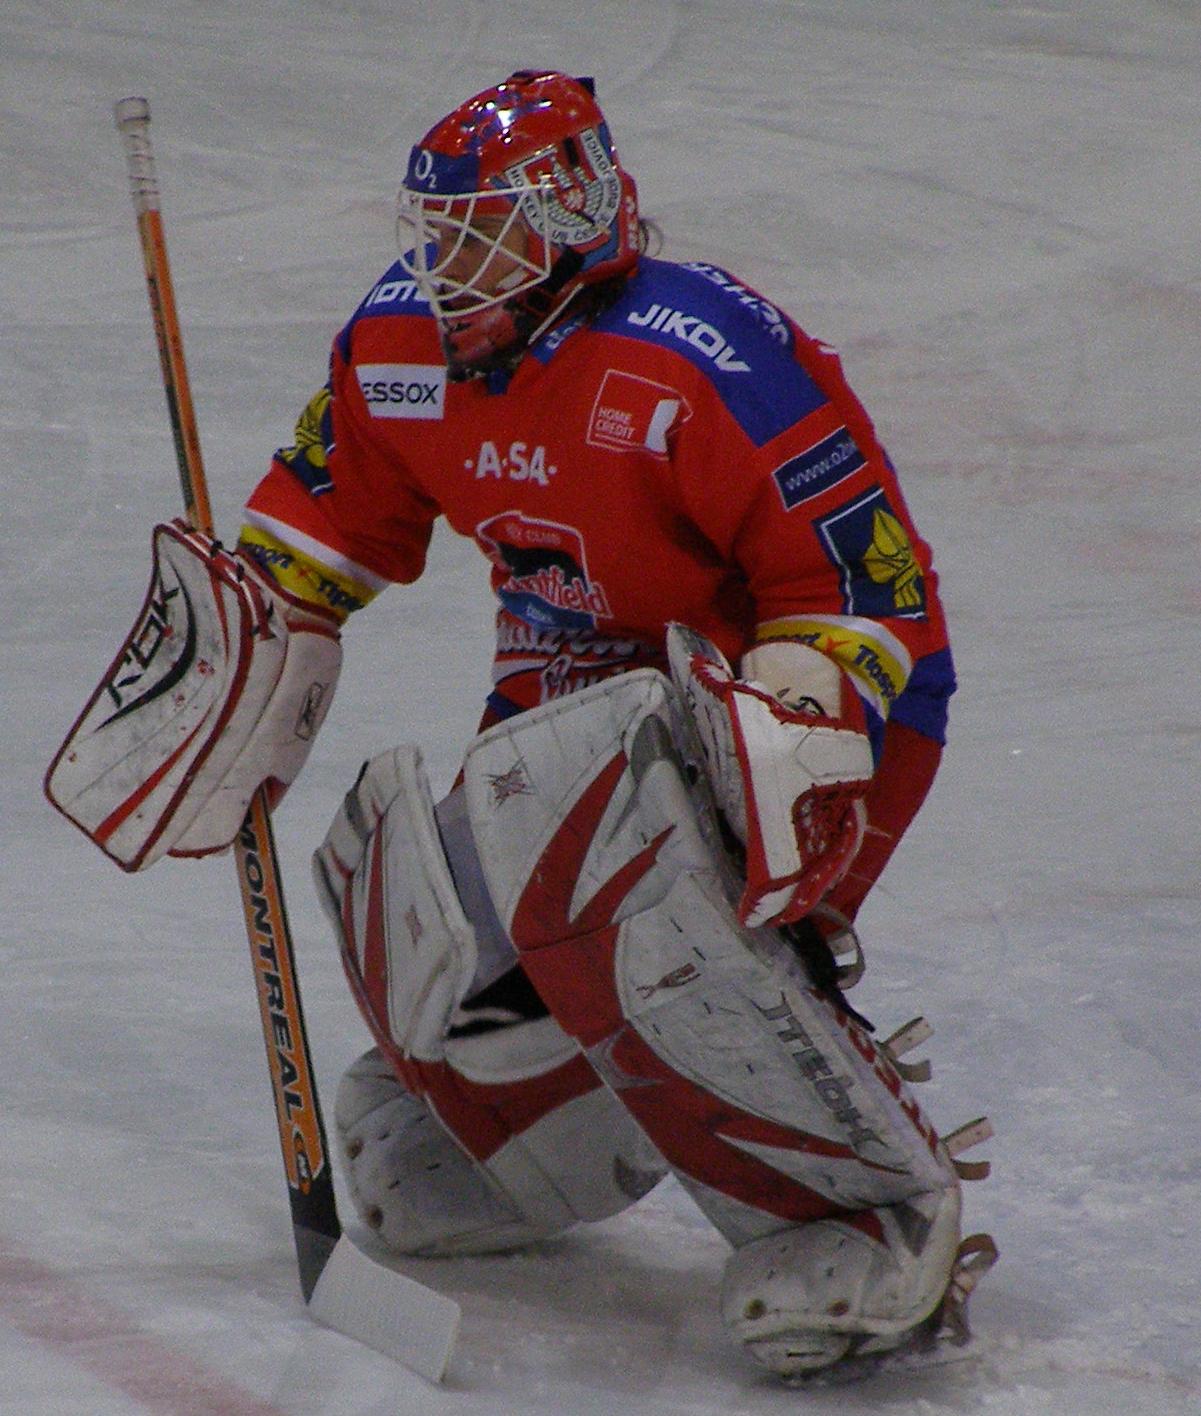 Tomáš Klestil